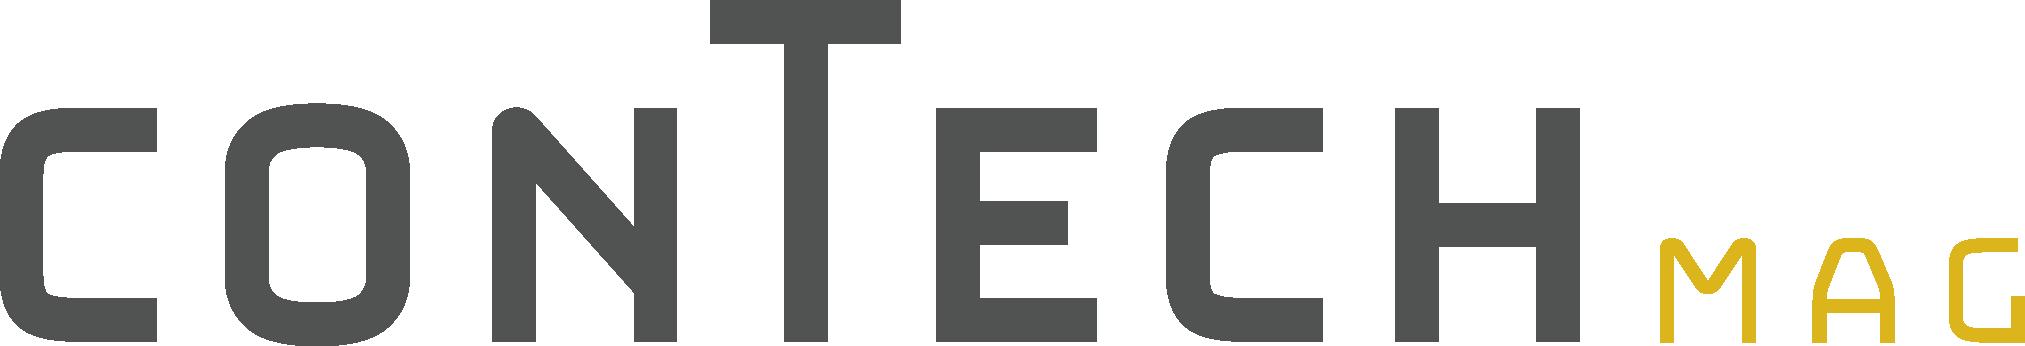 建設テックメディア CON-TECH